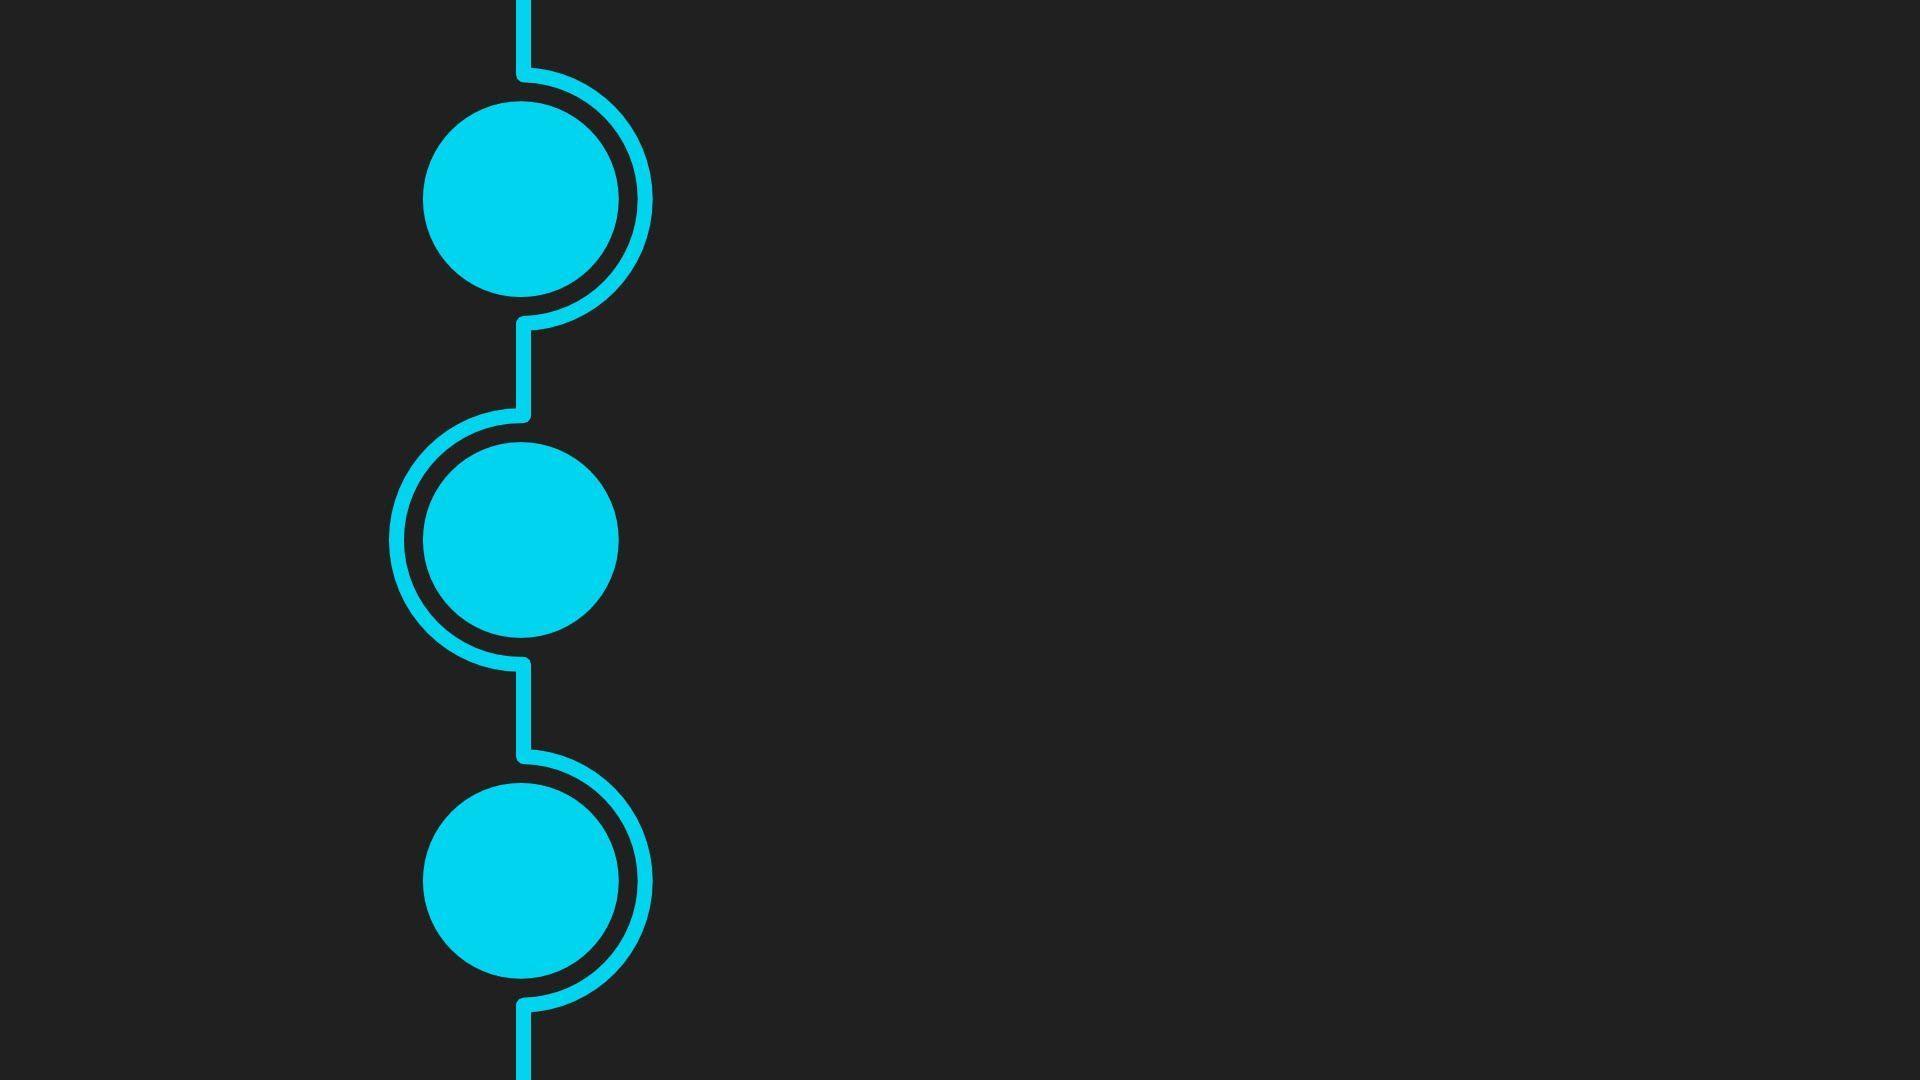 Hình nền 3 vòng tròn tối thiểu 1920x1080 trong Inkscape